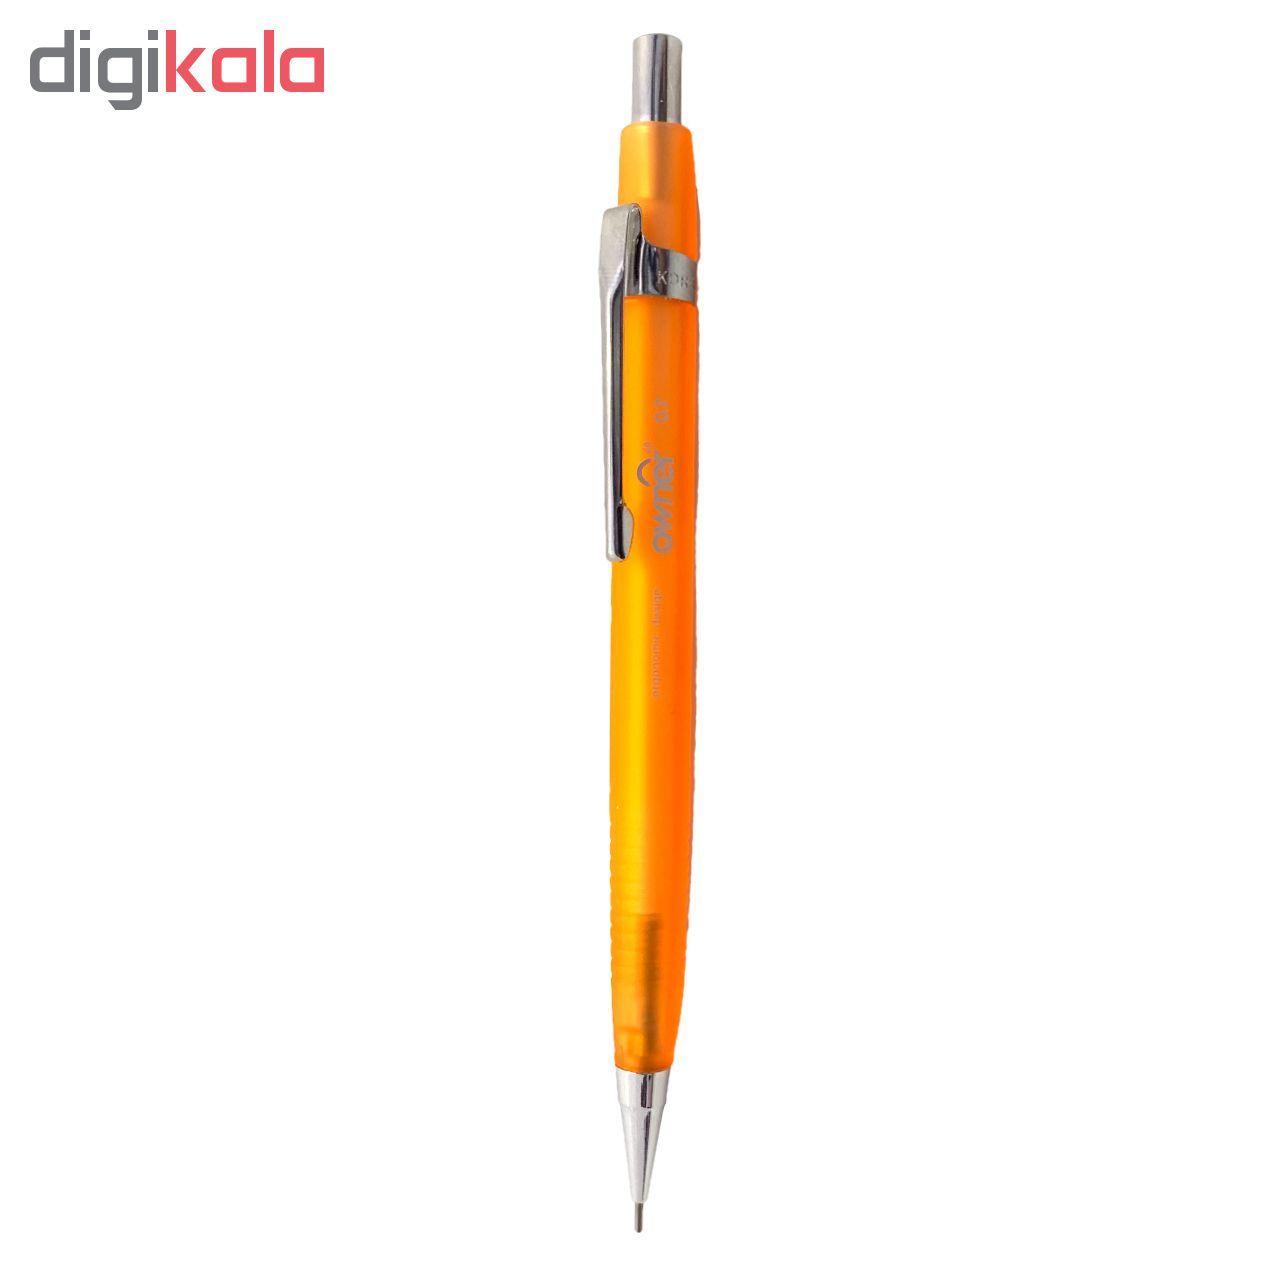 مداد نوکی اونر کد 115200 قطر نوشتاری  0.7 میلی متر main 1 3